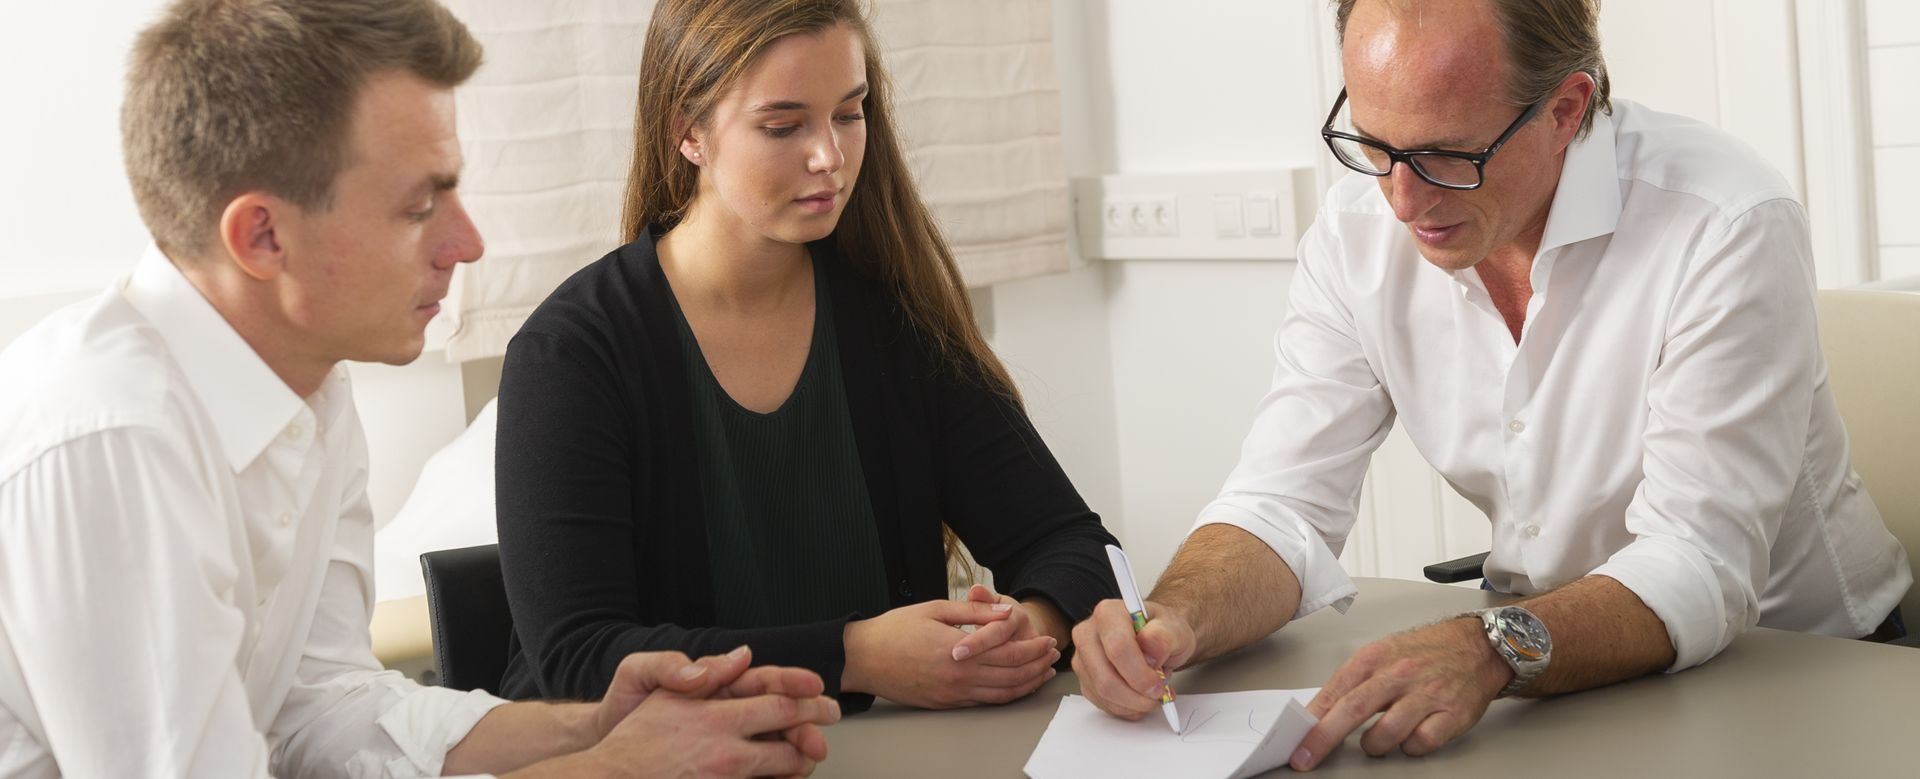 Dr. Braumüller und Dr. Kuttnigg, kompetente Beratung bei Hand-Schulter Problemen